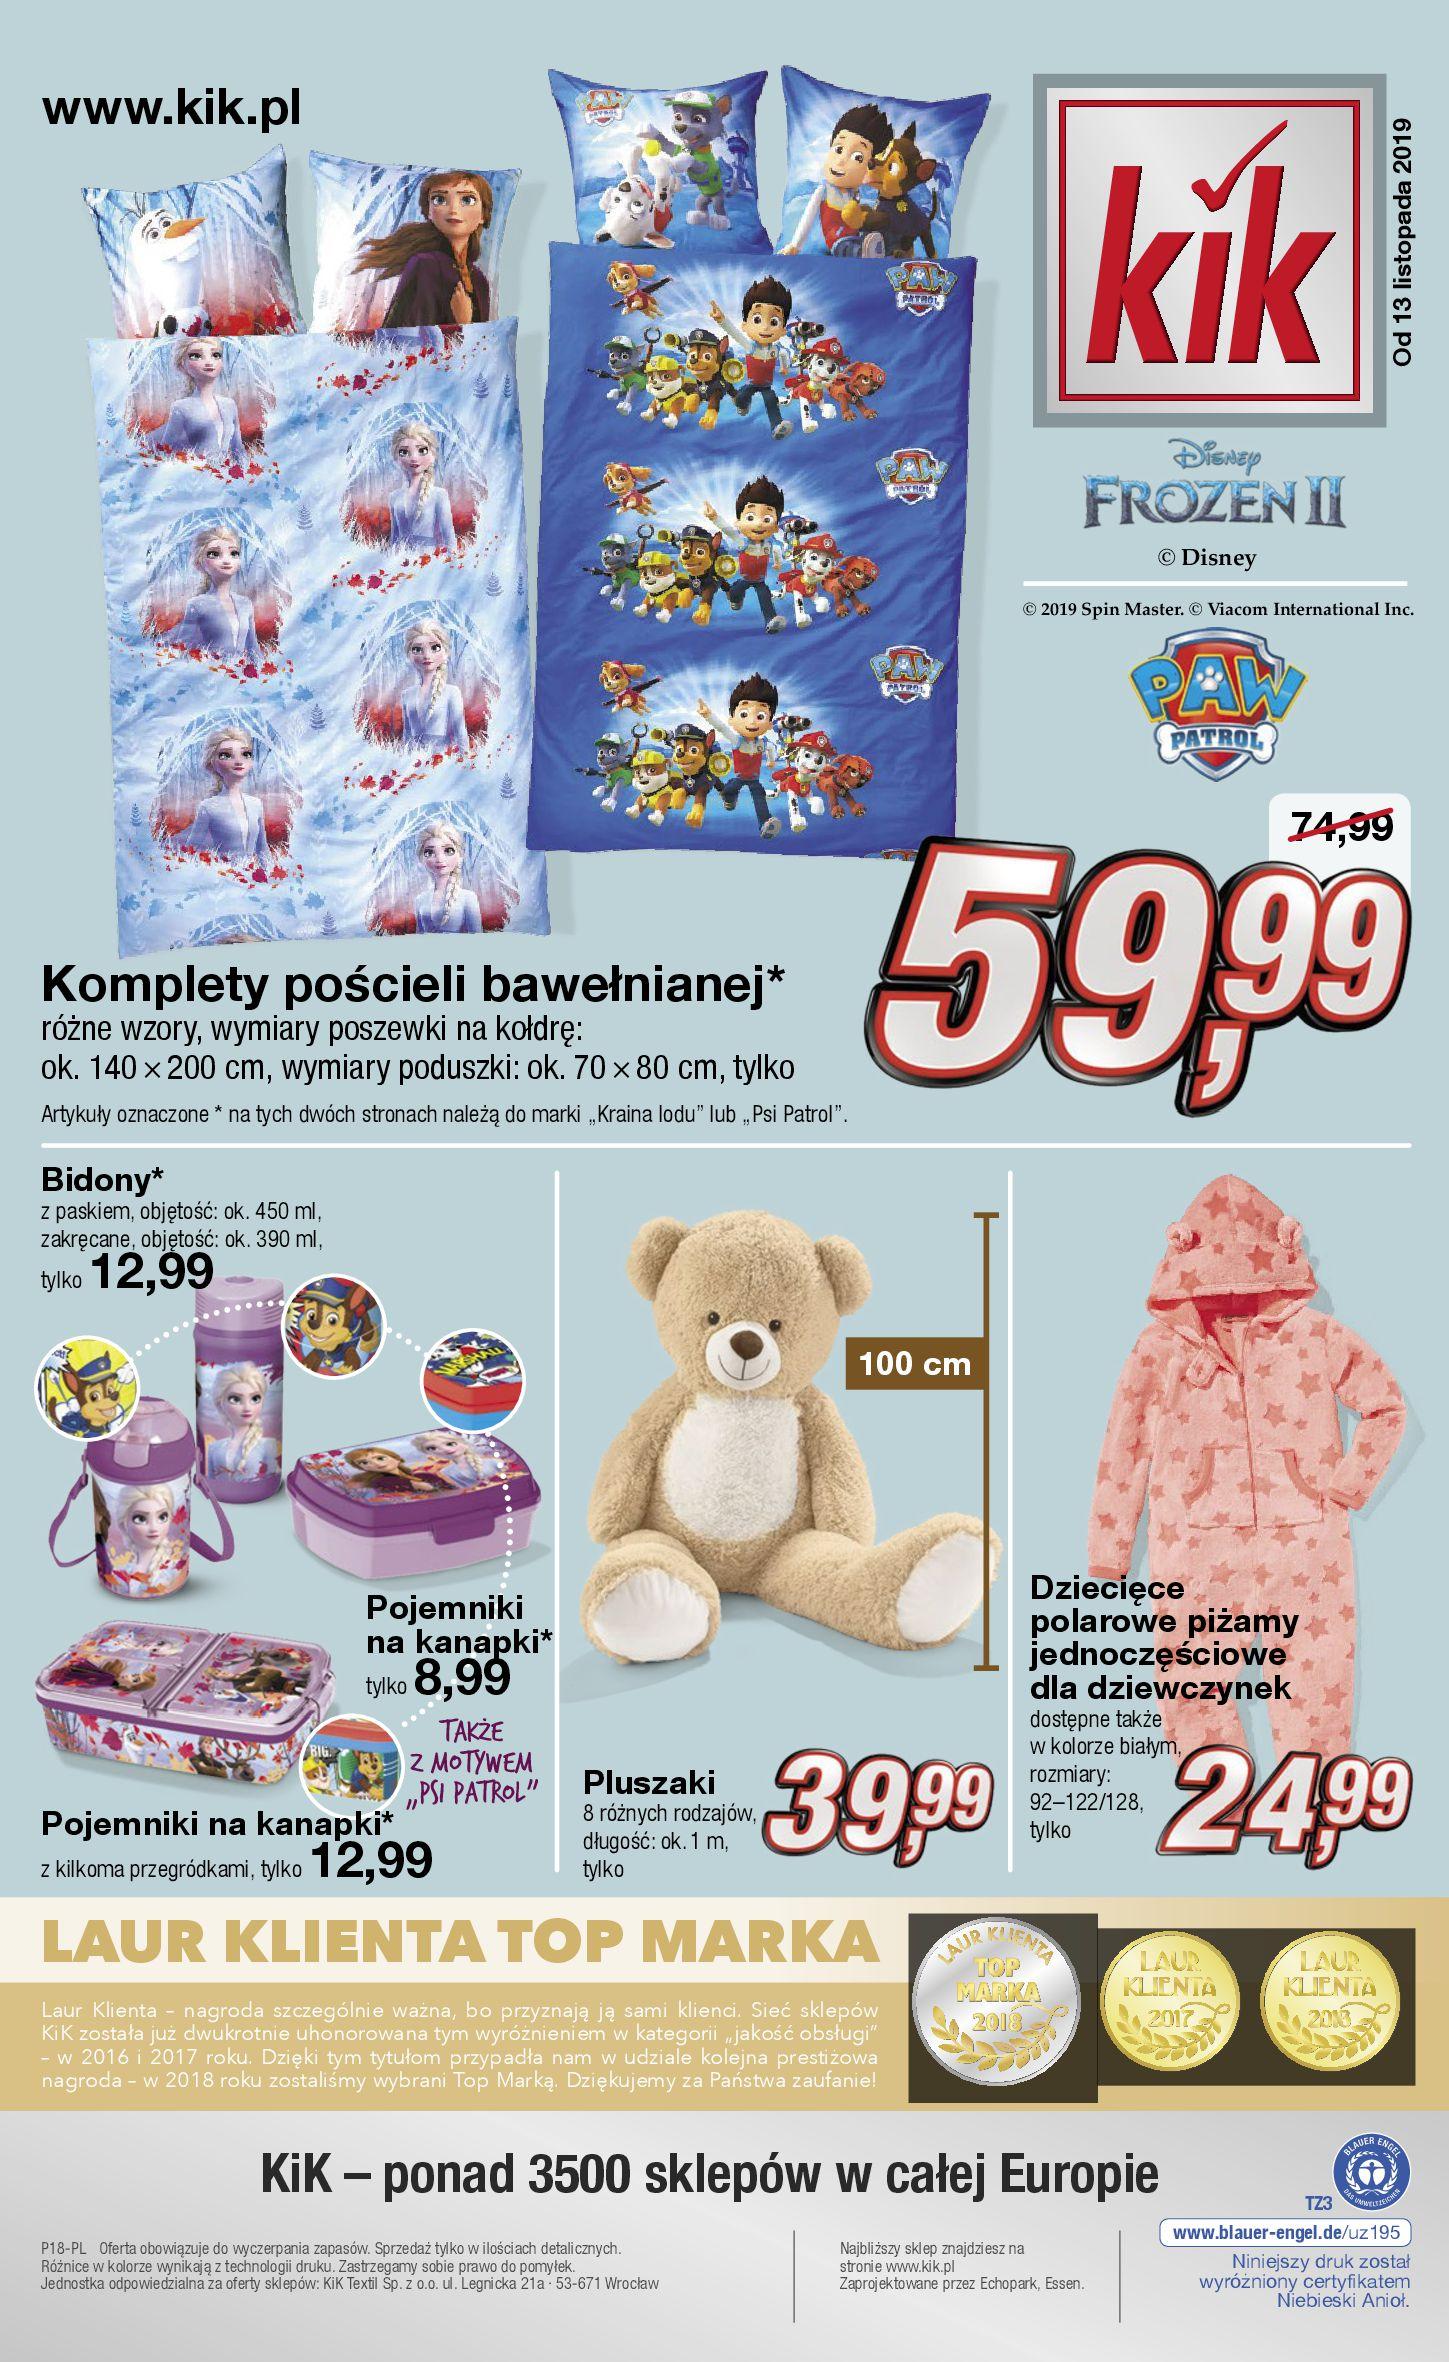 Gazetka KiK - Oferta na odzież i dekoracje-12.11.2019-13.12.2019-page-16